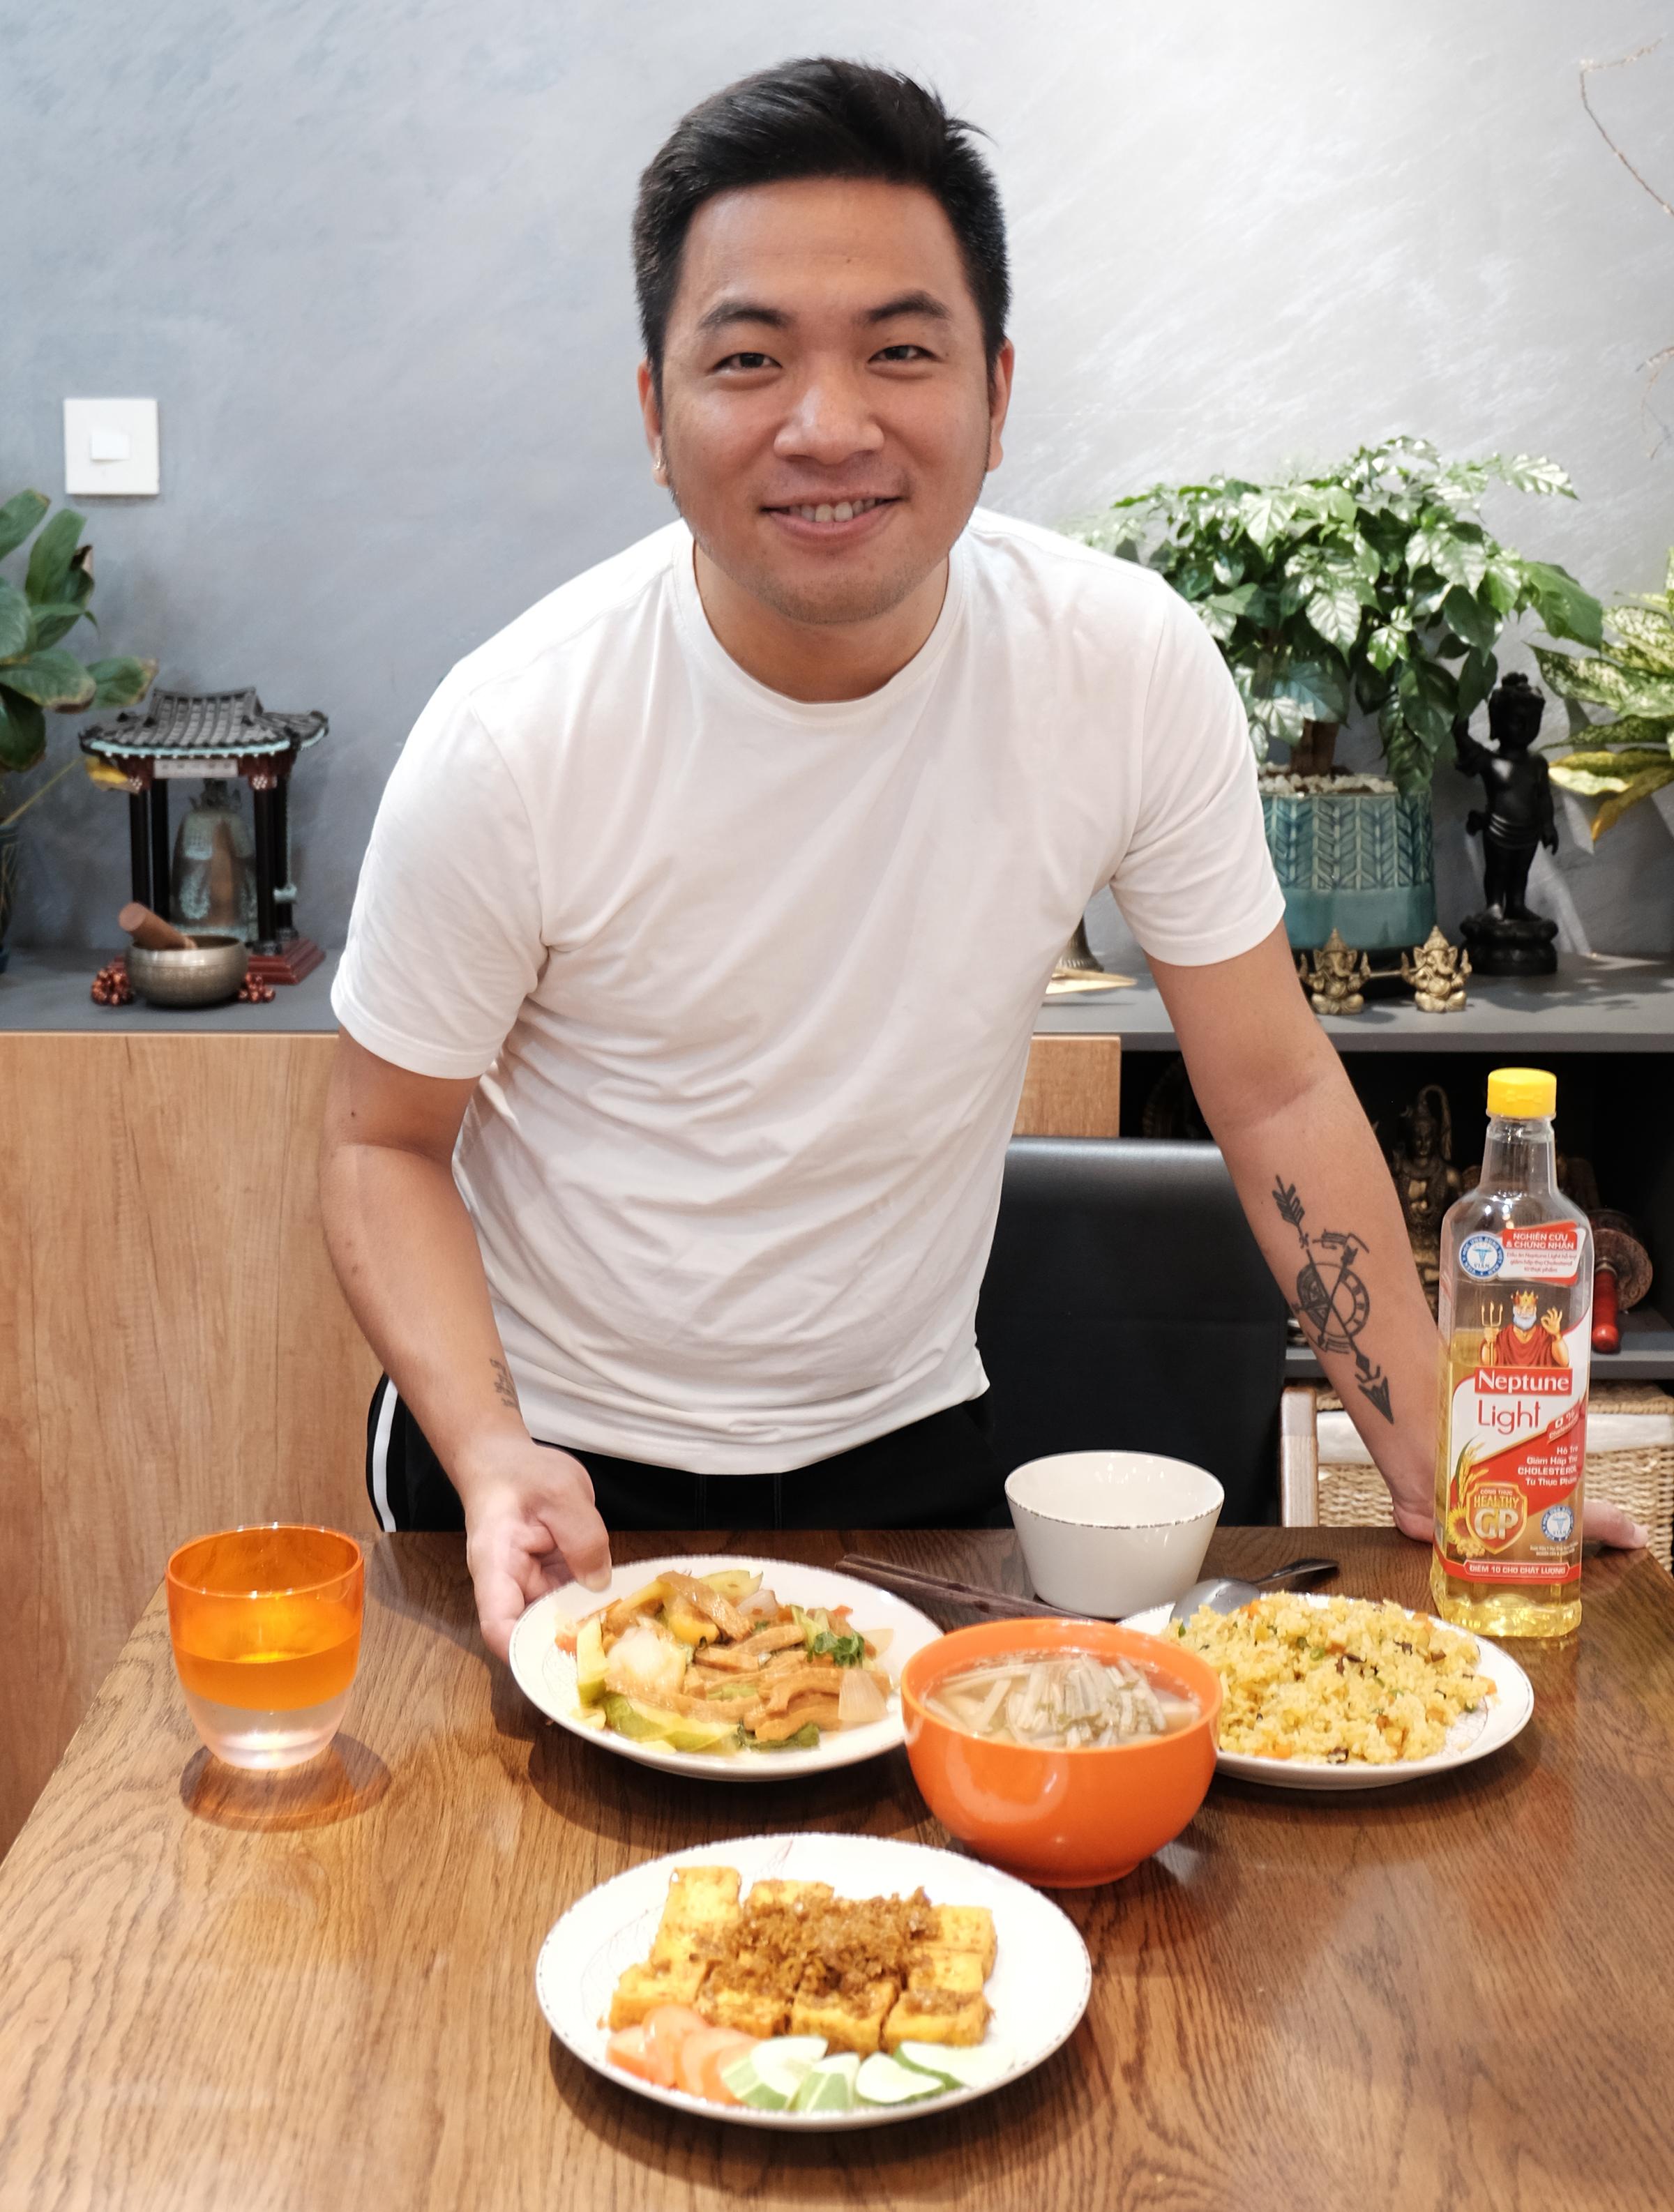 Nguyễn Ngọc Thạch nấu cơm chiên dương châu, đậu hũ chiên sả ớt, canh sườn... để